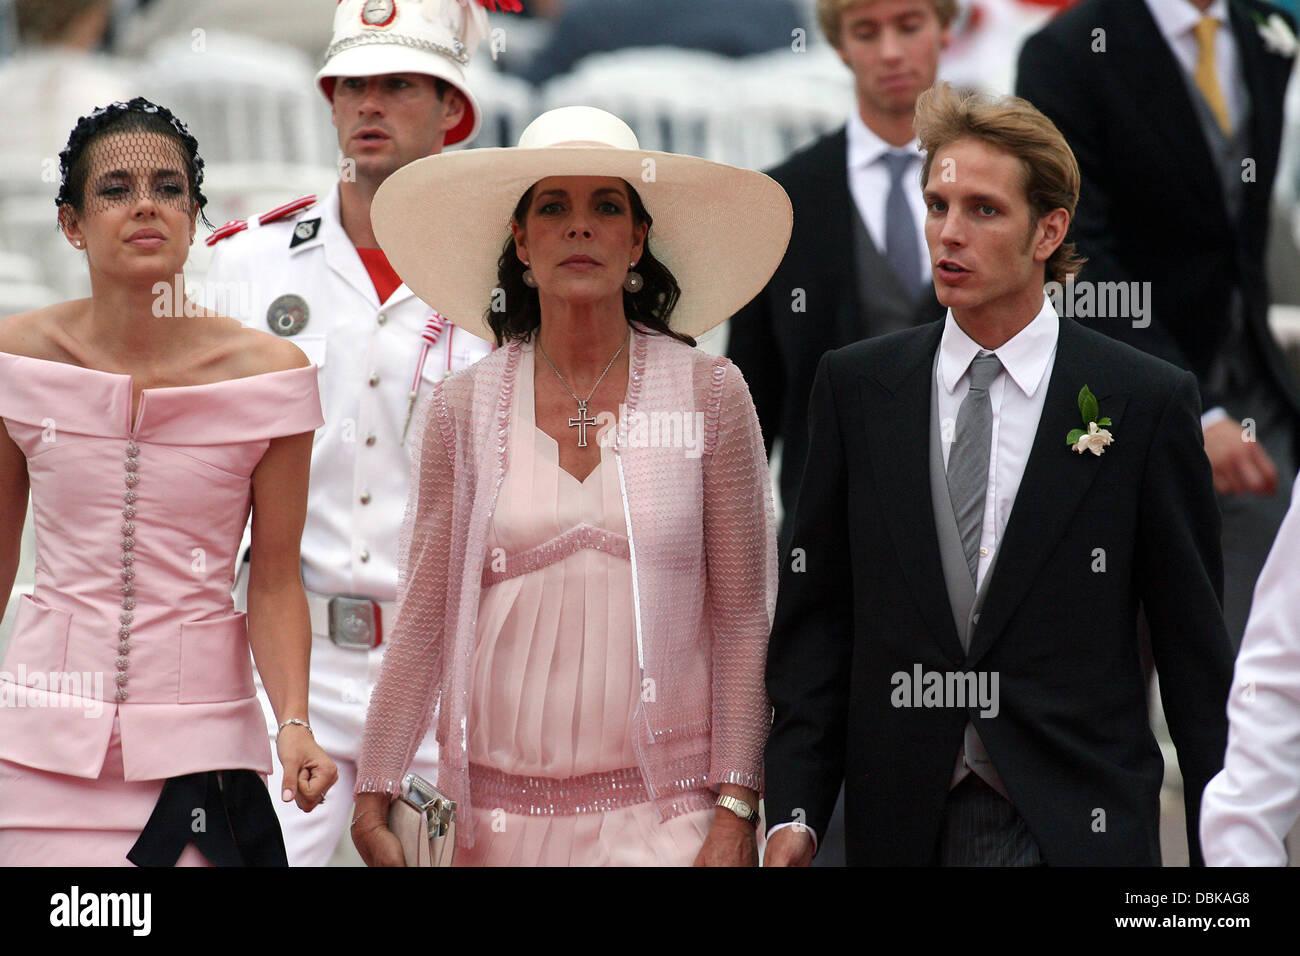 Charlotte Casiraghi, La Princesse Caroline de Hanovre et Andrea Casiraghi  cérémonie religieuse du mariage du Prince Albert II de Monaco à Charlene  Wittstock